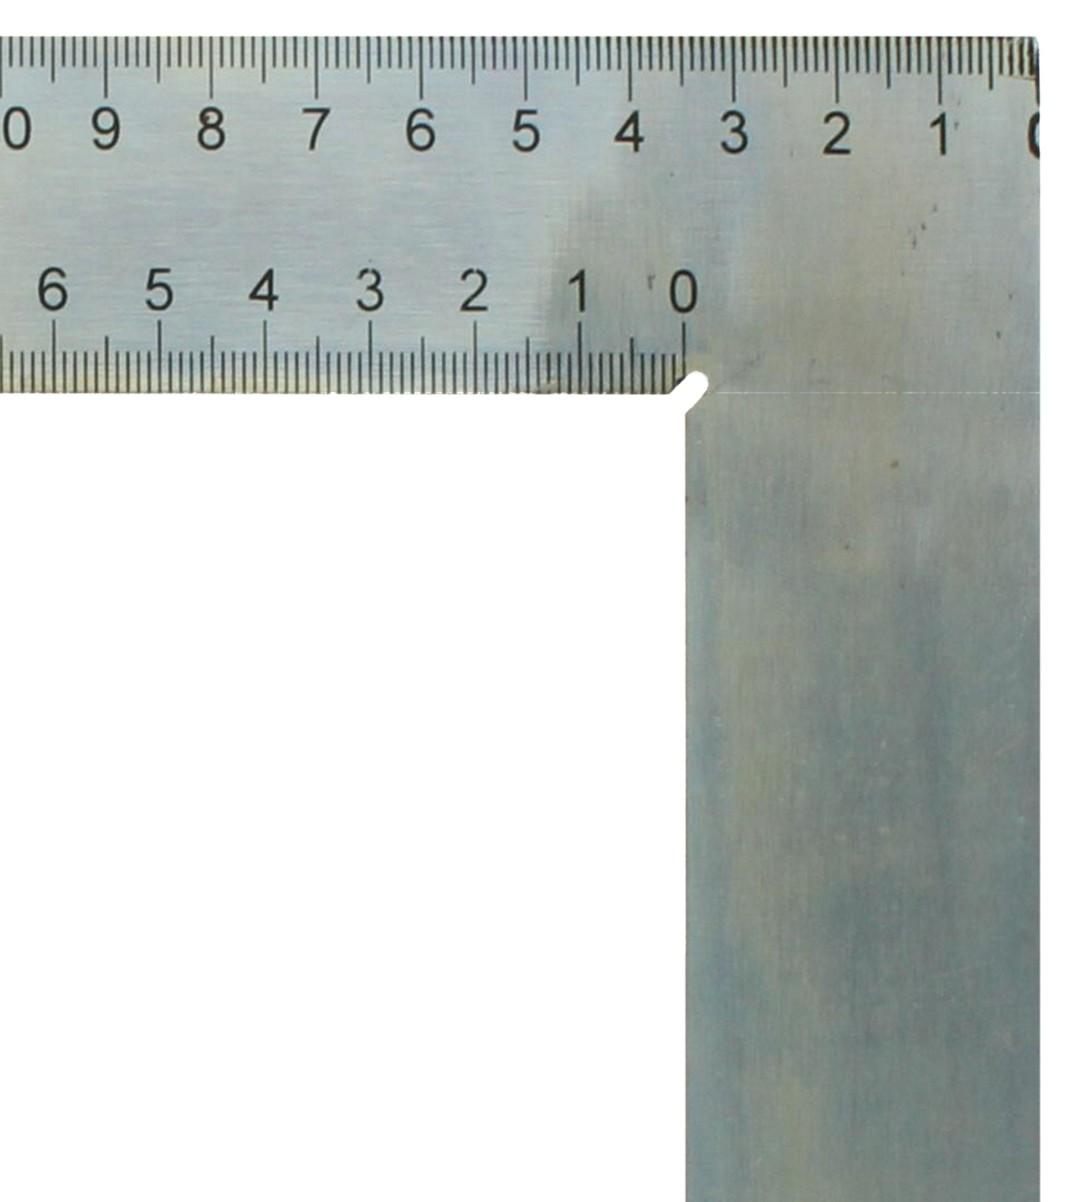 derékszög, ácsderékszög 80 mm